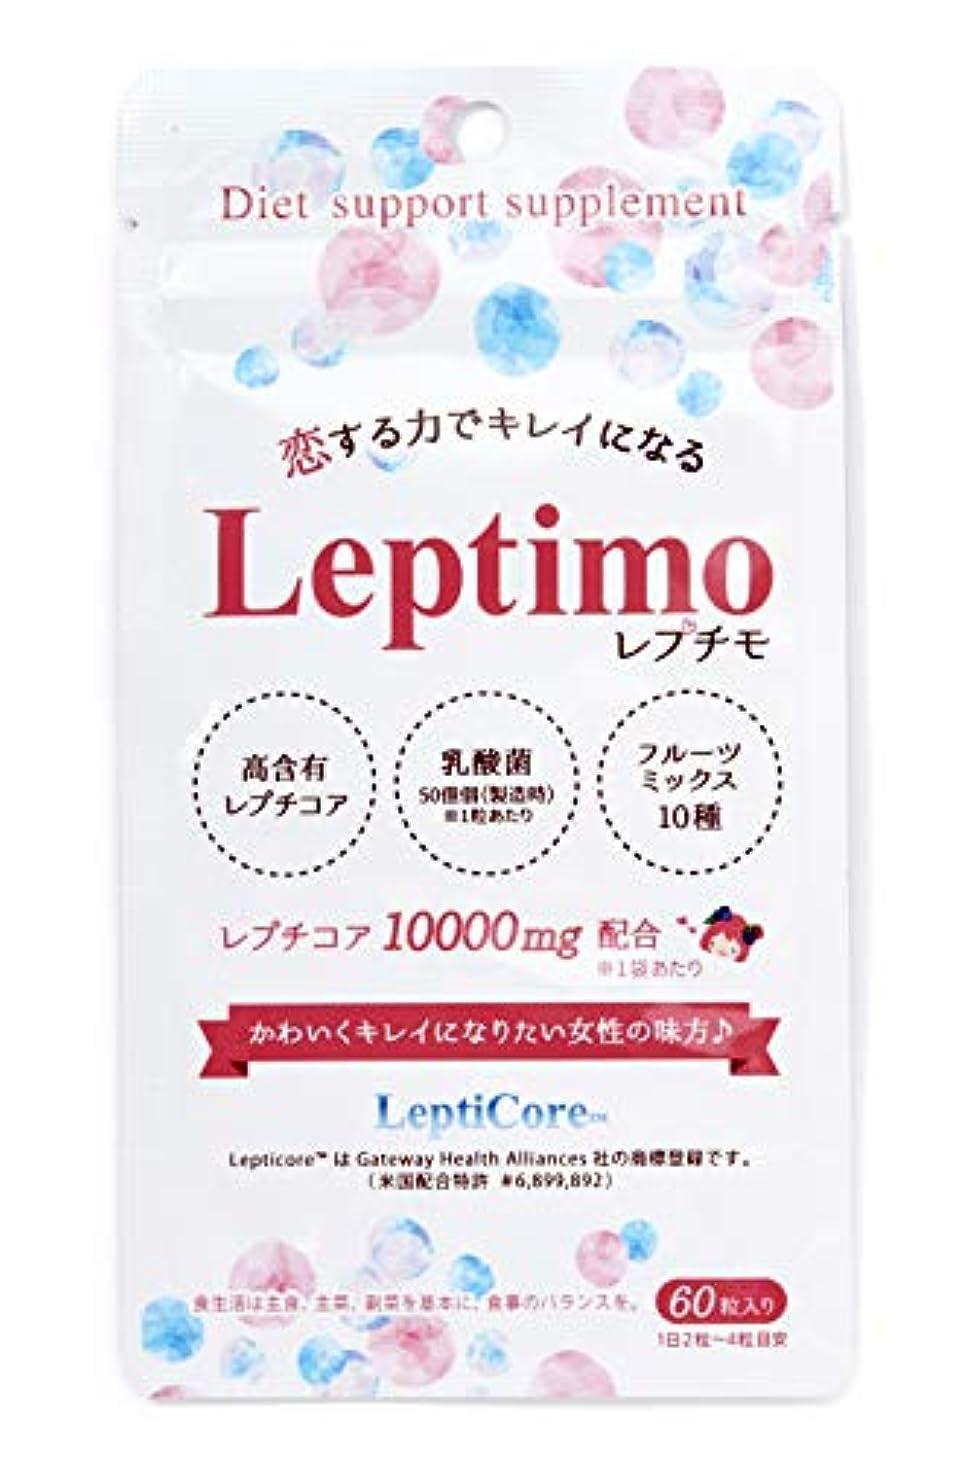 用心深いバリー和らげる【通常価格より20%オフ③個セット】Leptimo(レプチモ) ダイエット サプリメント 60粒 20日分